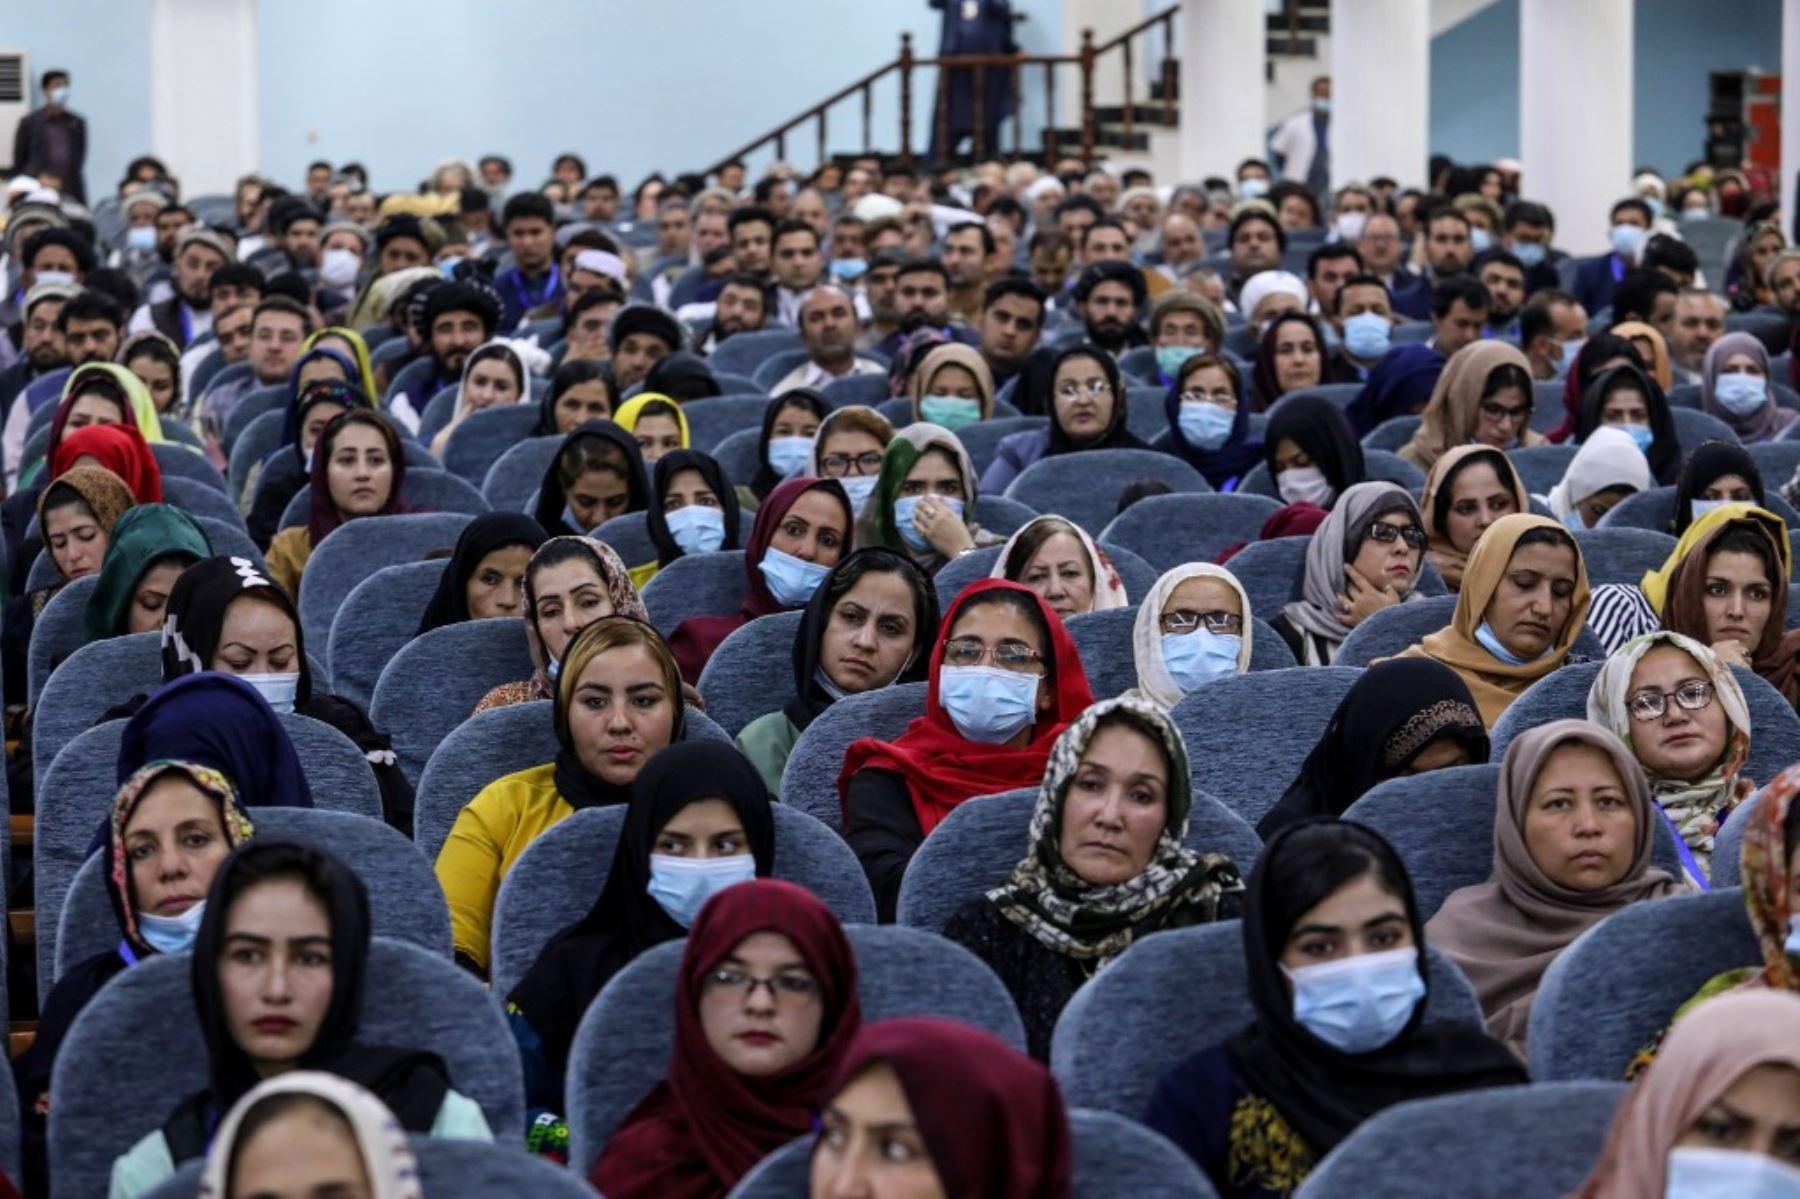 Las personas asisten al primer día de Loya Jirga, una gran asamblea, en el Salón Loya Jirga en Kabul, Afganistán. Foto: AFP